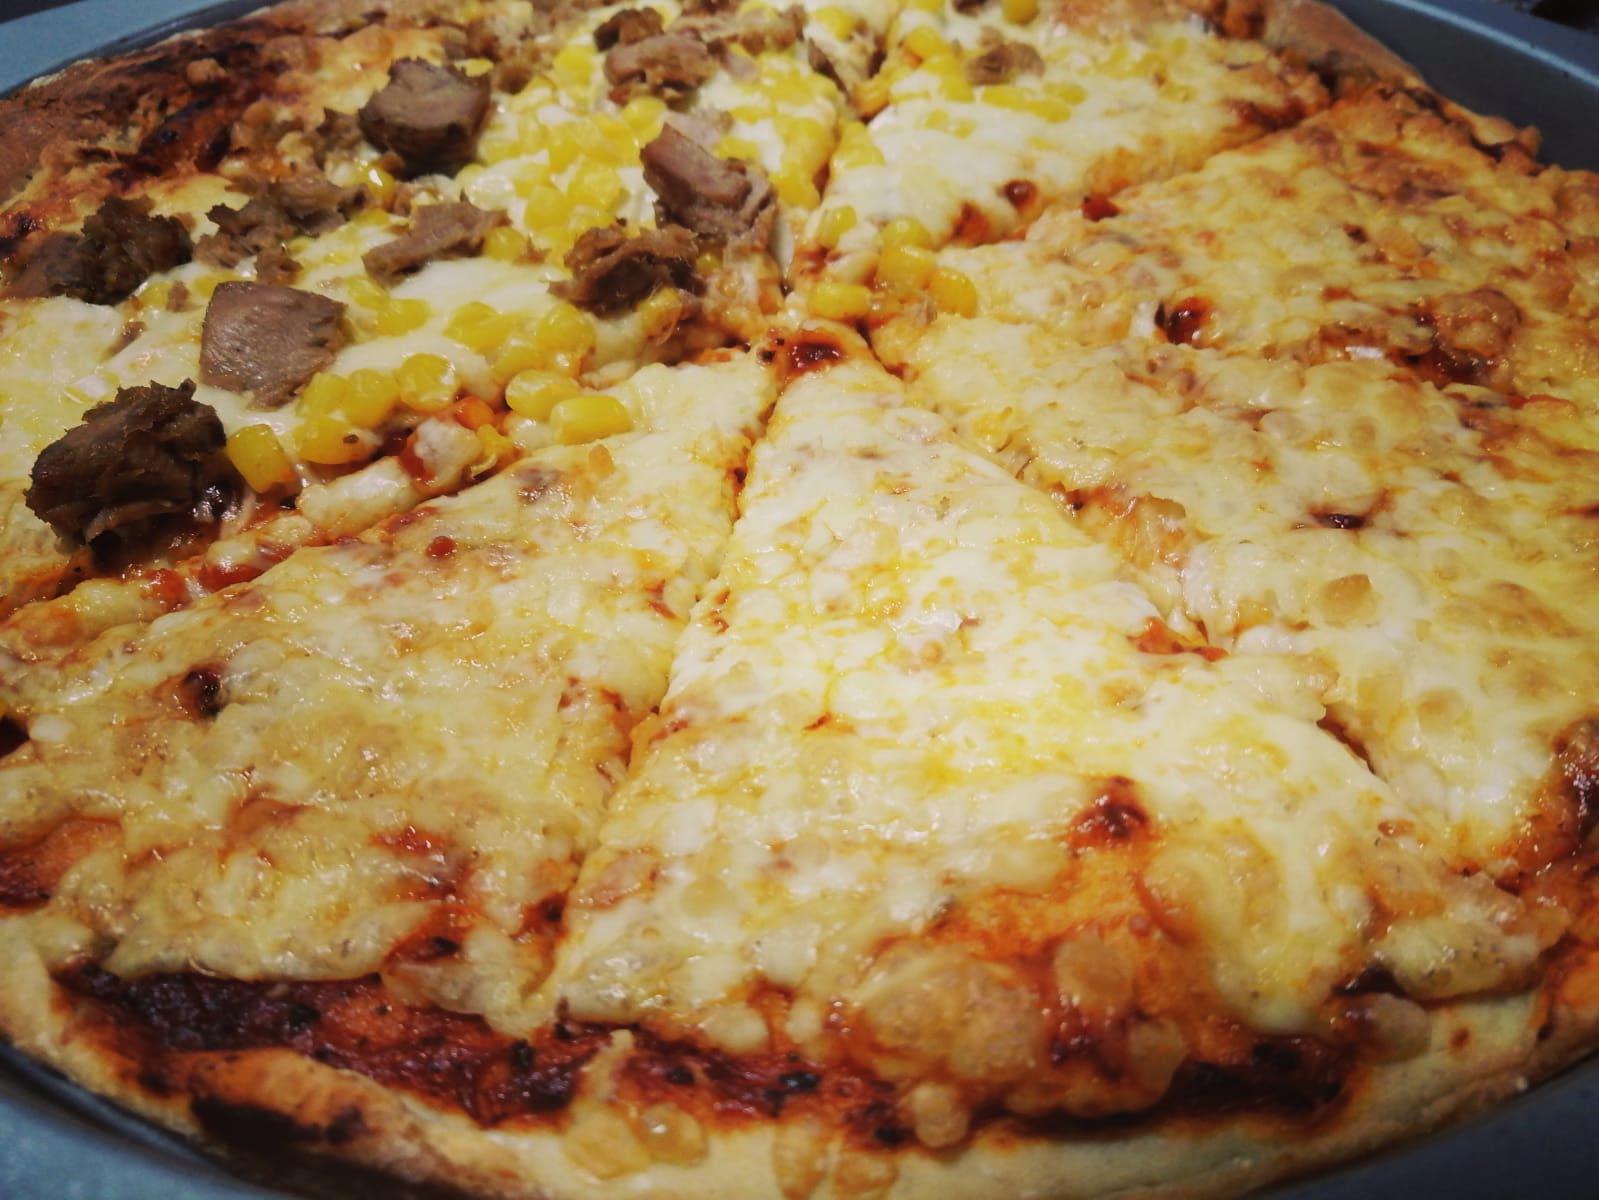 פיצה קלה וטעימה שכיף להכין עם ילדים